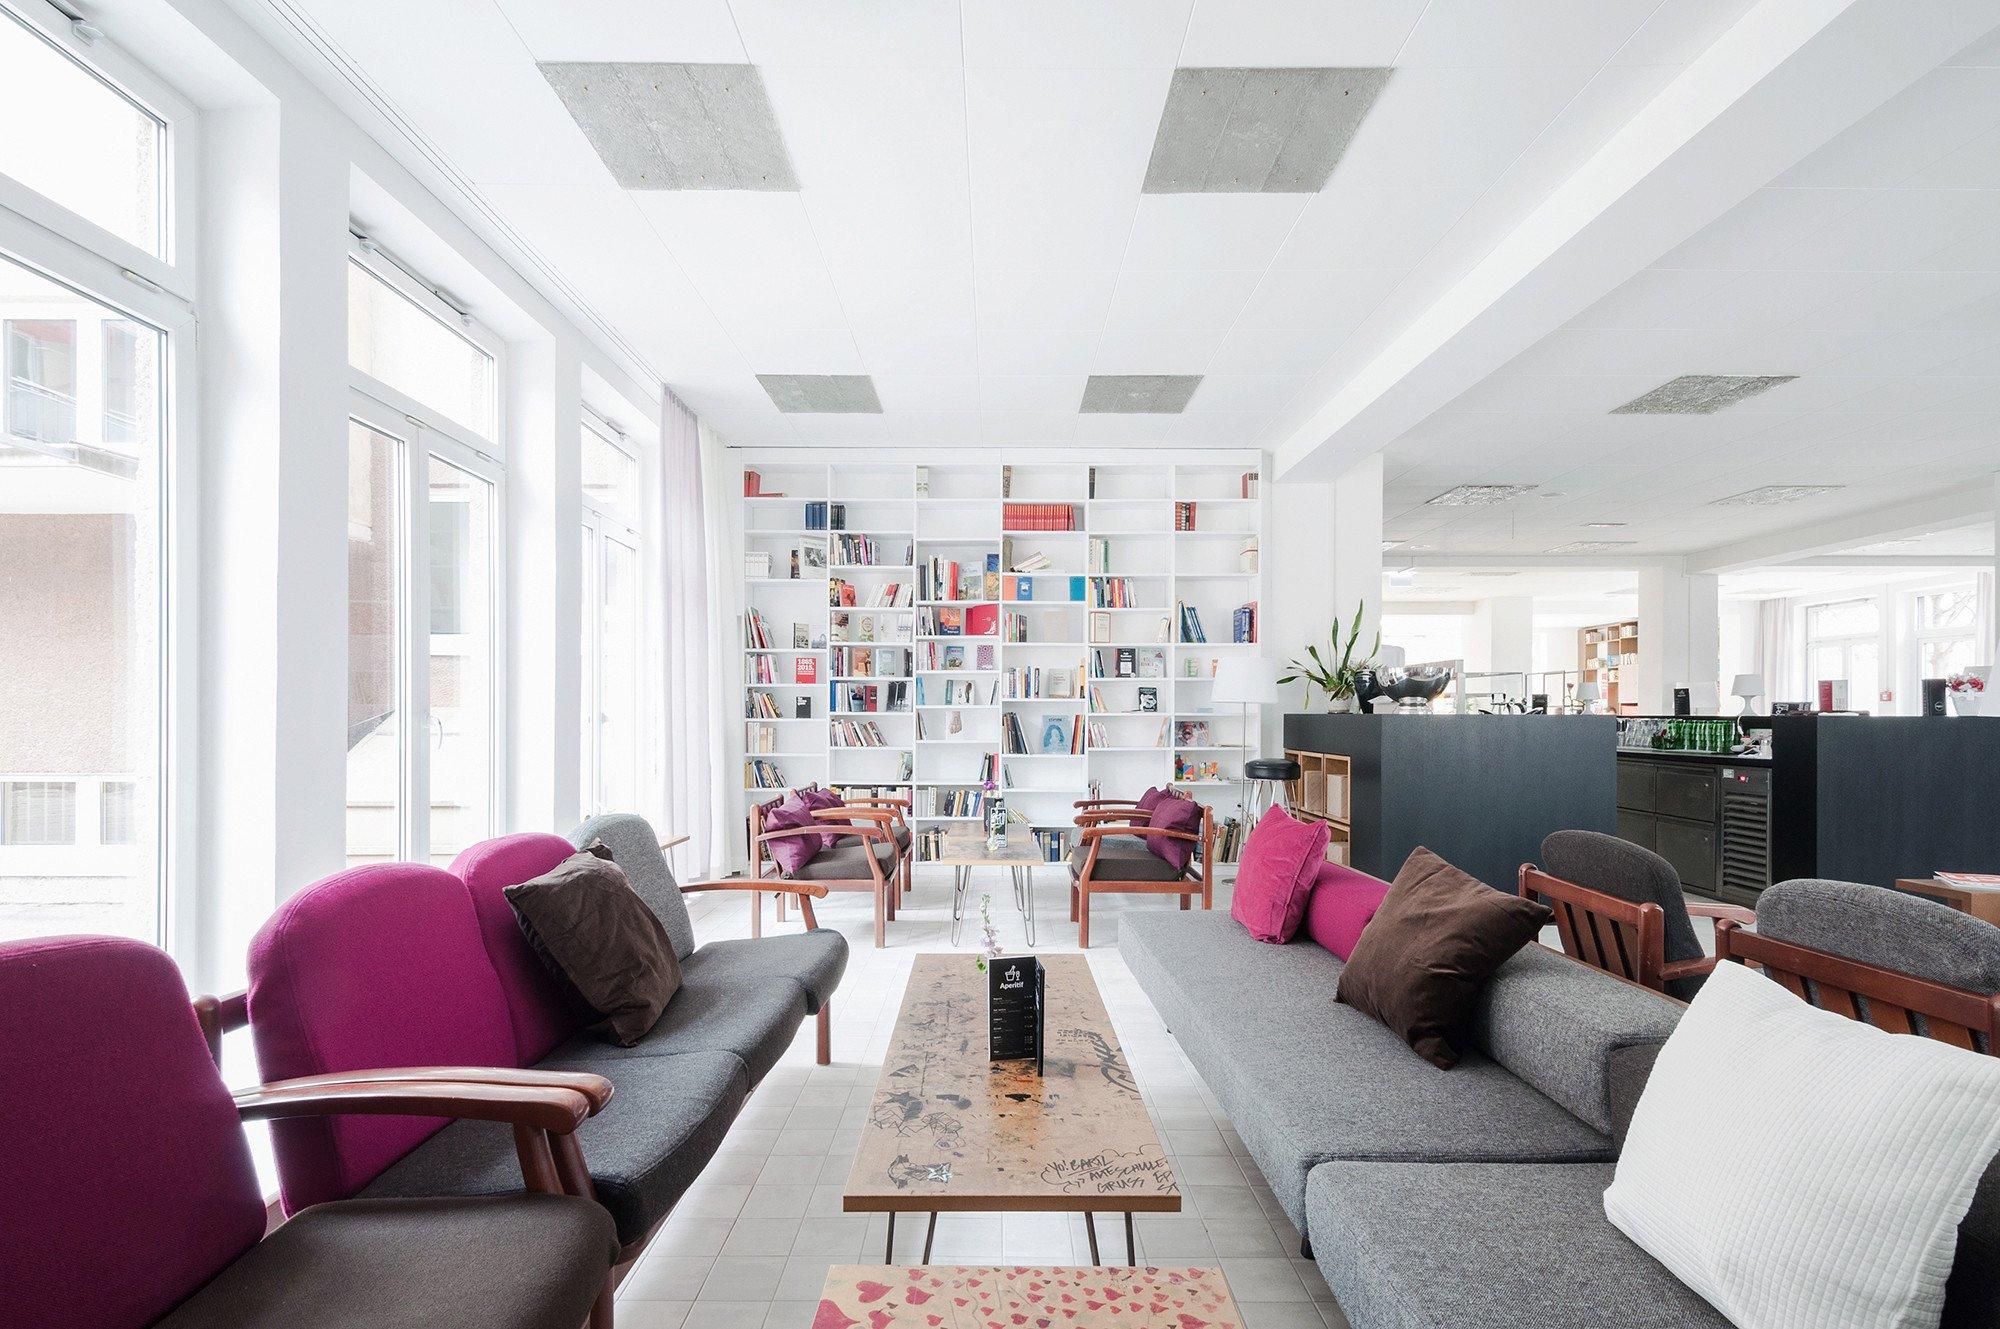 3d Fußboden Wien ~ Magdas hotel in wien boden hotel gastronomie baunetz wissen